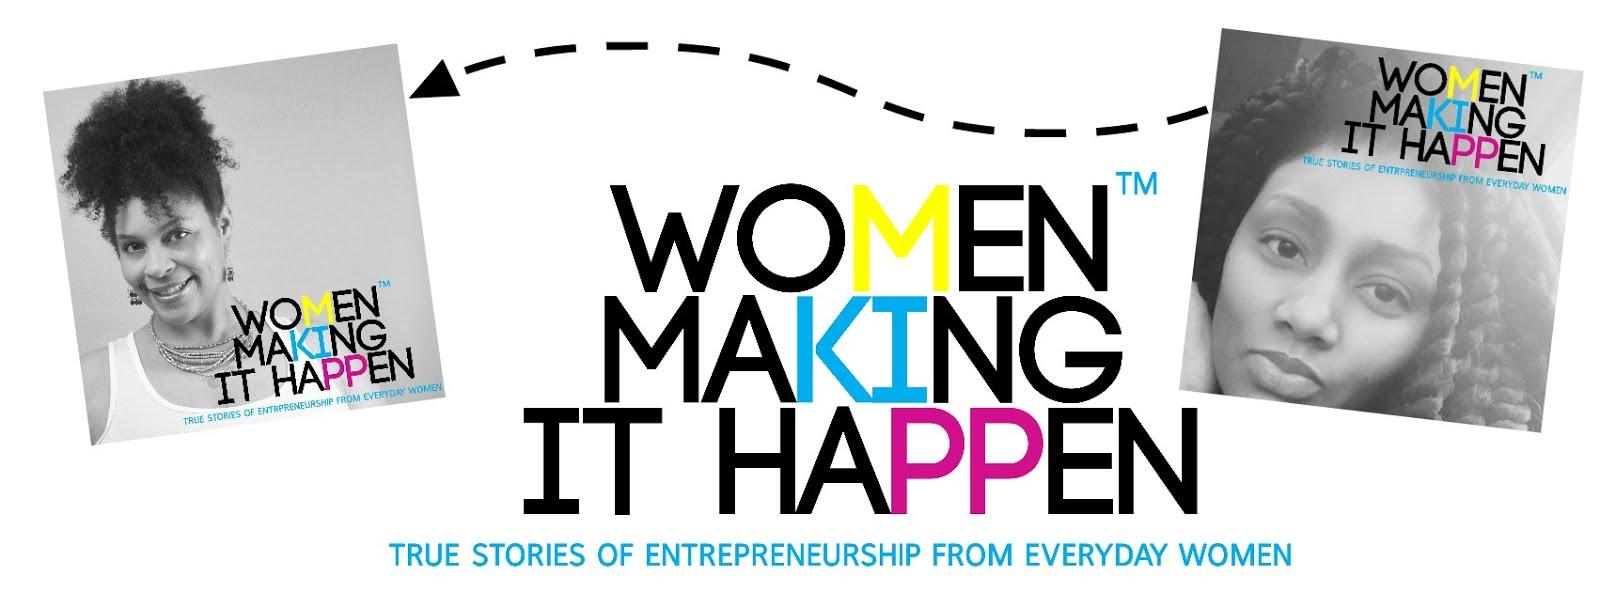 Women Making it Happen